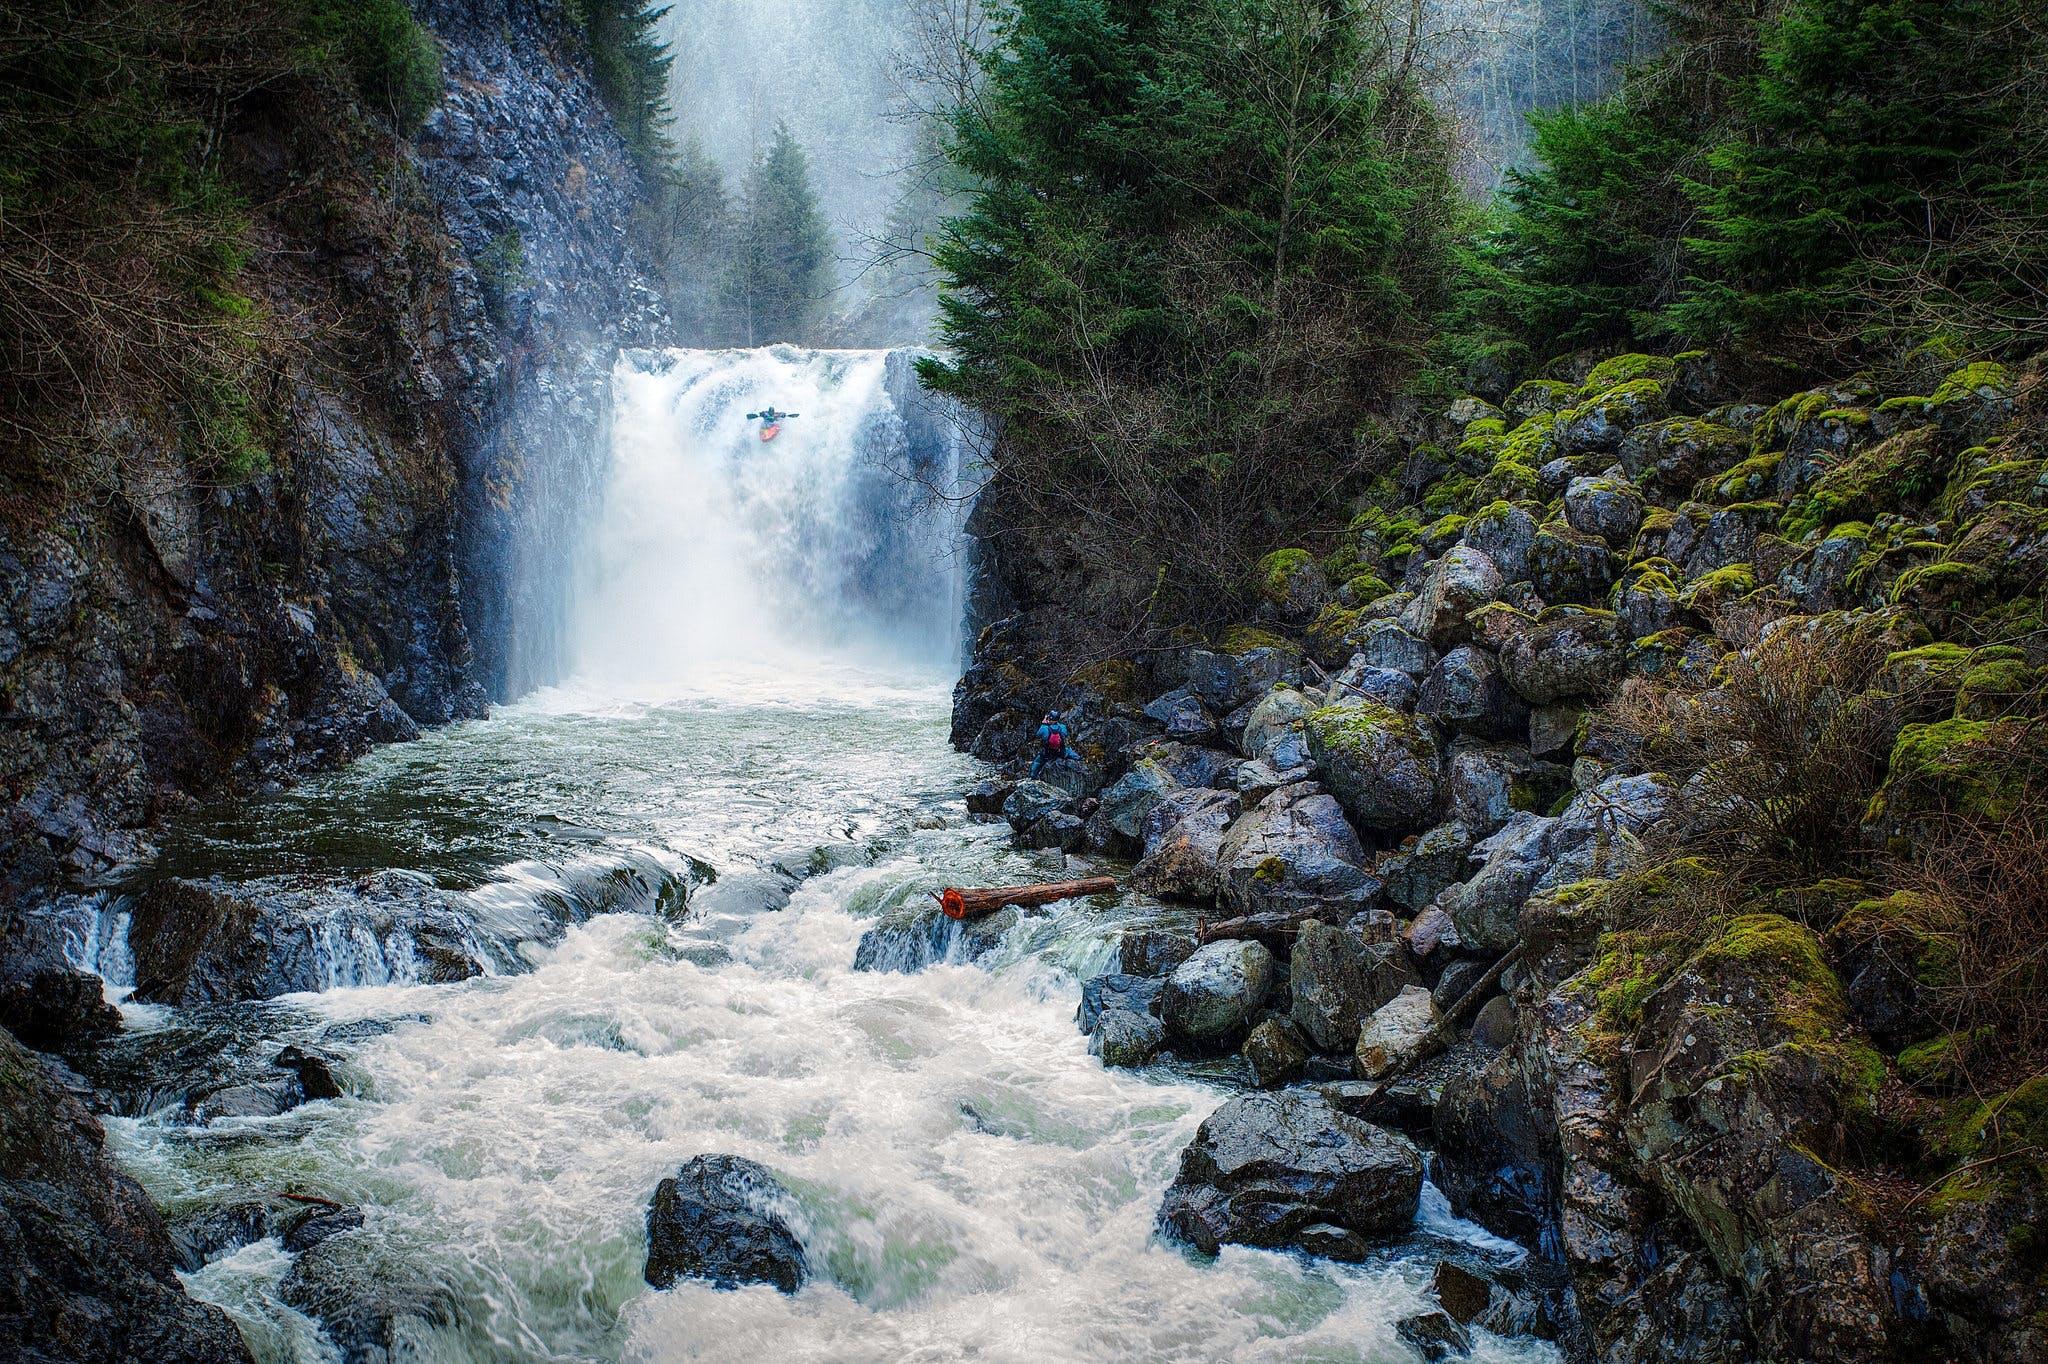 Sejl i kajak ned ad oprørte floder og vandfald